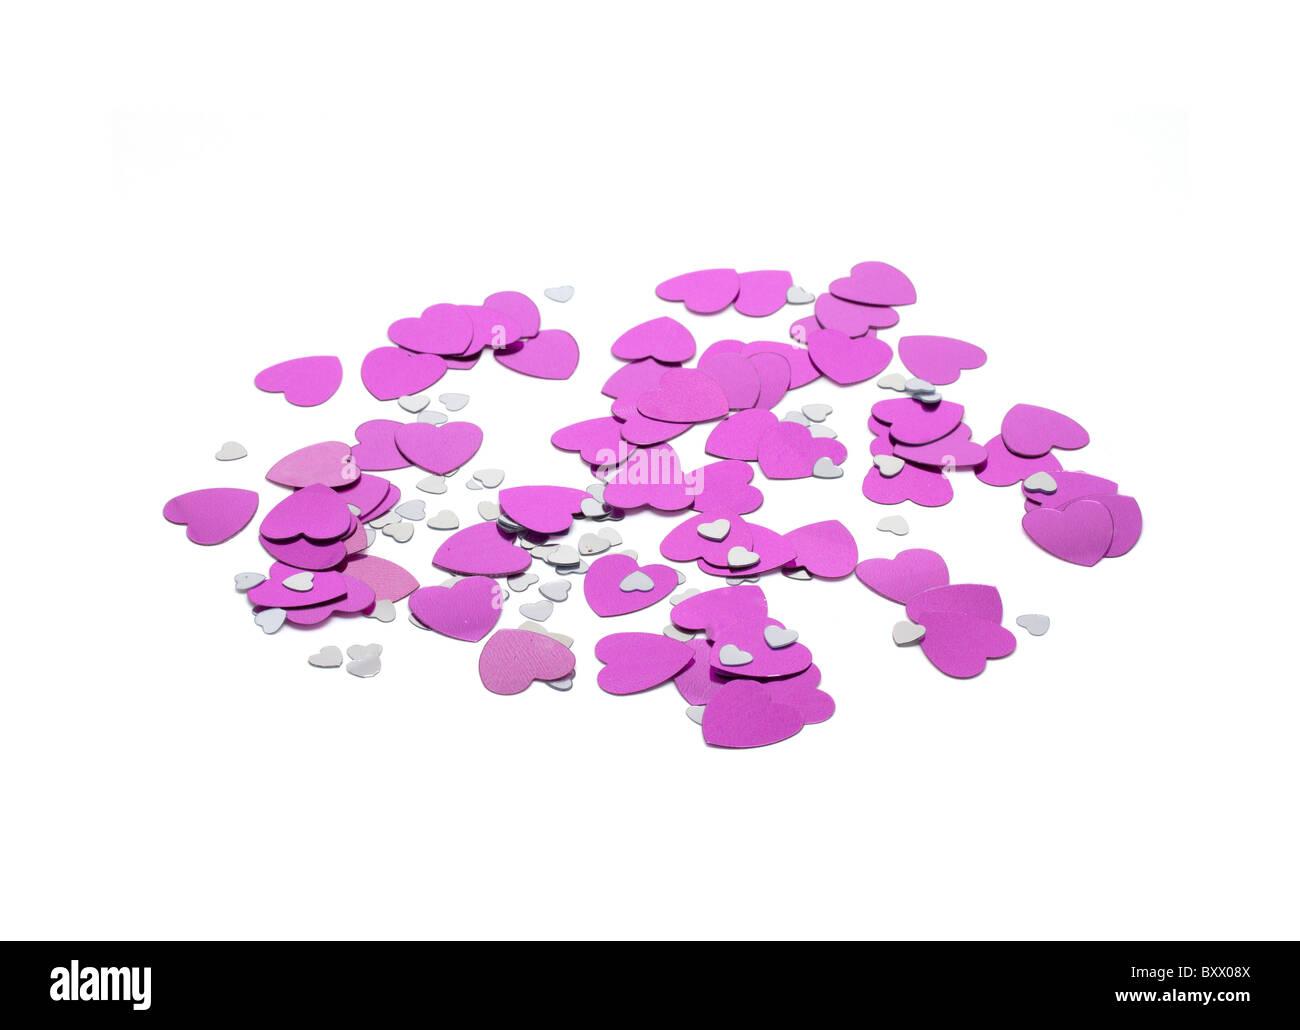 Rosa e argento a forma di cuore coriandoli su sfondo bianco Immagini Stock